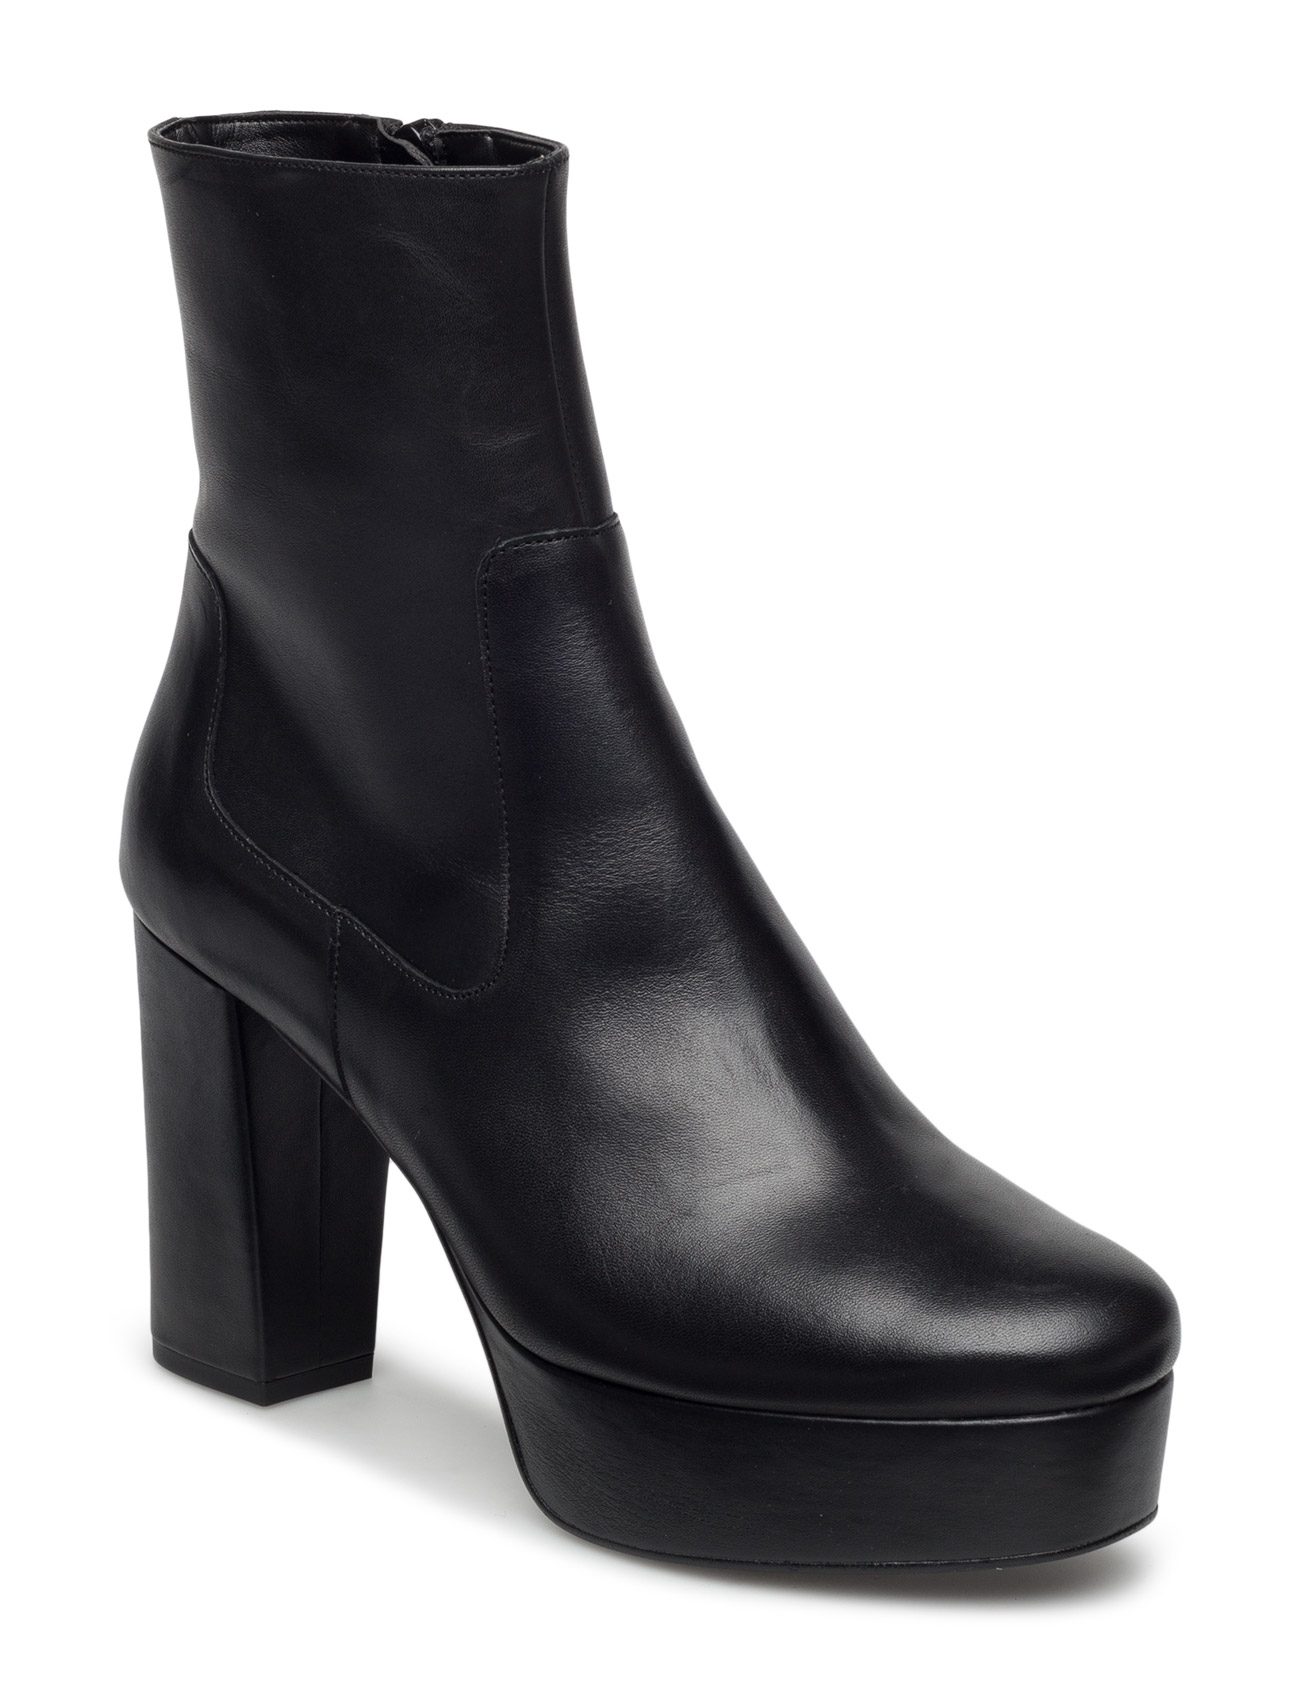 Platform Leather Ankle Boots Mango Støvler til Kvinder i Sort